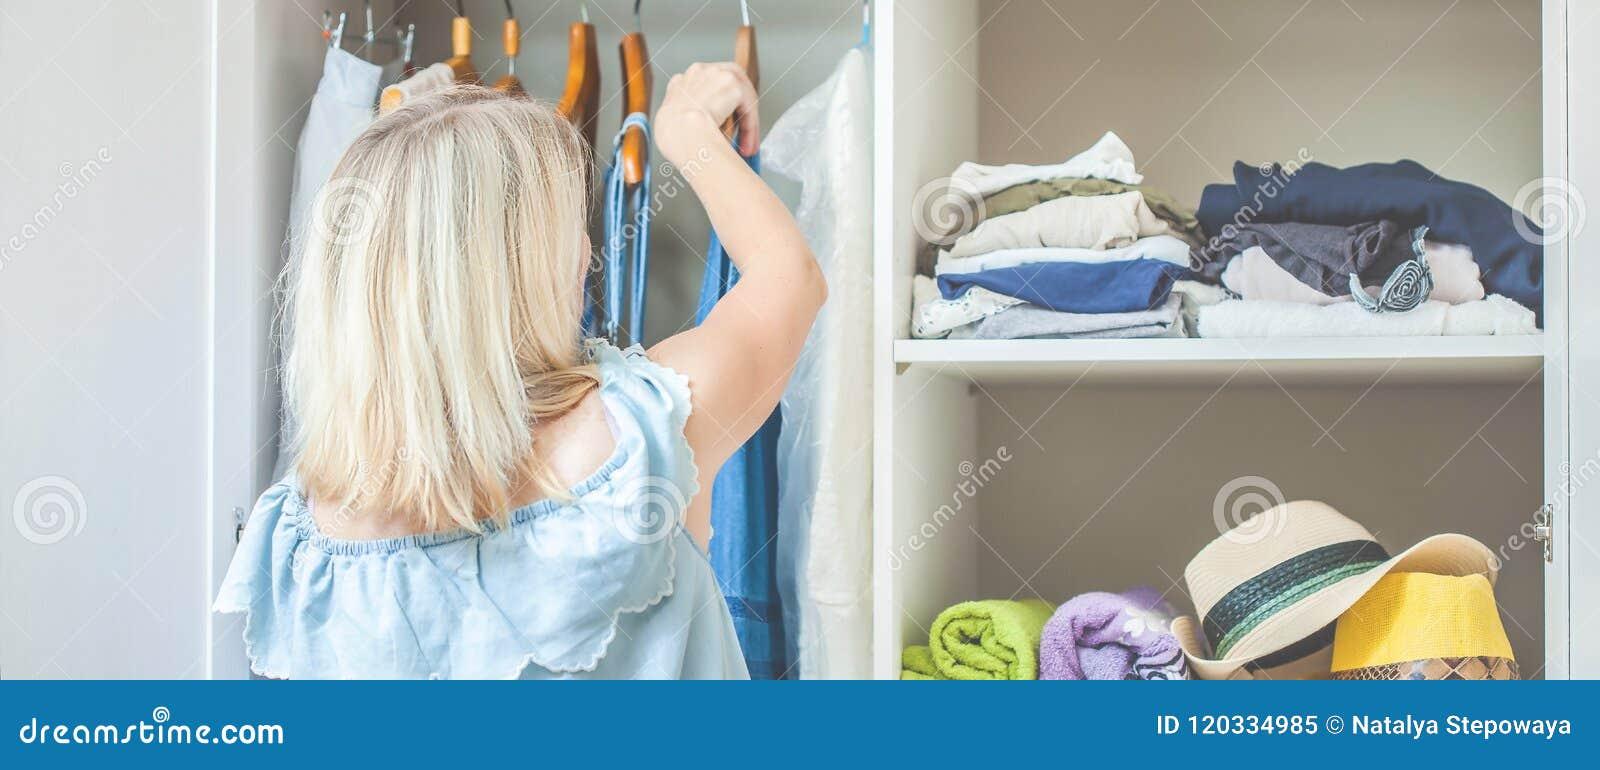 Το κορίτσι κοντά σε μια ντουλάπα με τα ενδύματα δεν μπορεί να επιλέξει τι να φορέσει Η βαριά έννοια επιλογής δεν έχει τίποτα για